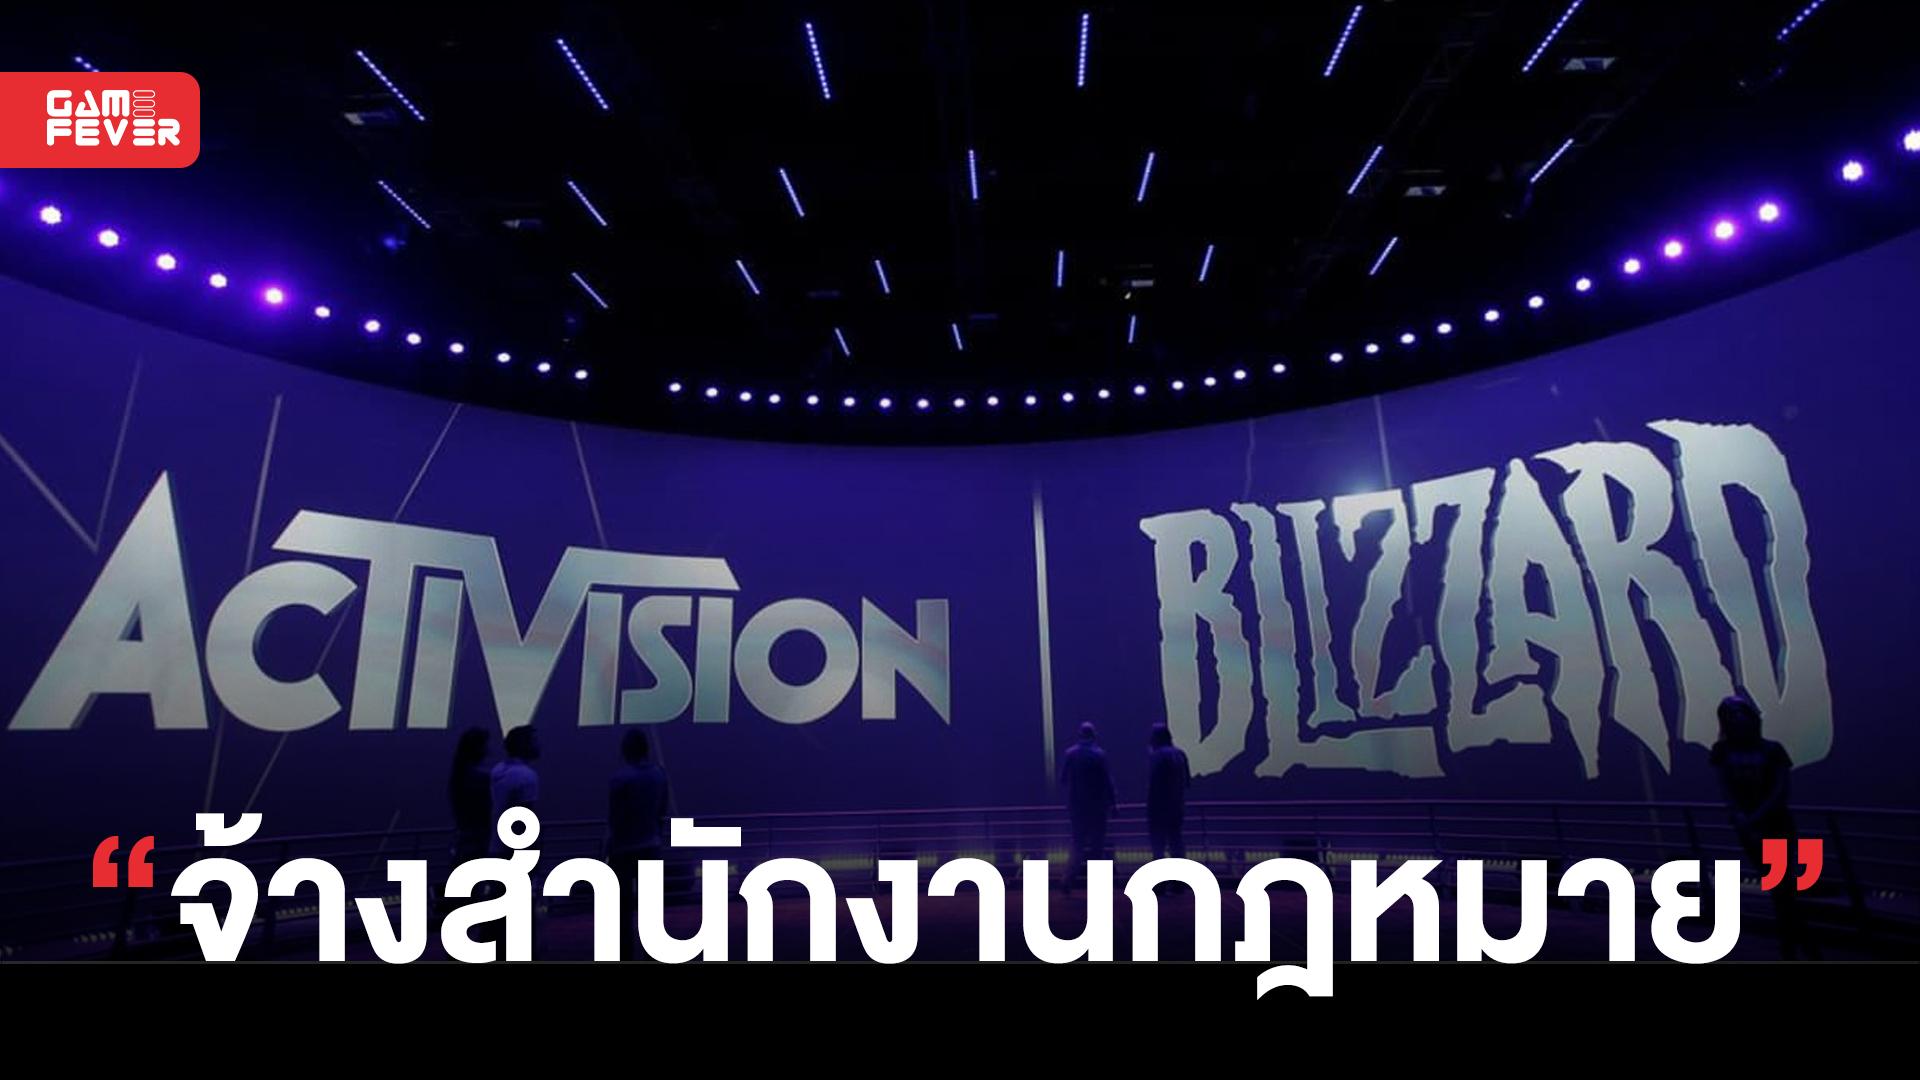 Activision Blizzard จ้างสำนักงานกฎหมายเพื่อแก้ปัญหาการประท้วงของพนักงานแล้ว